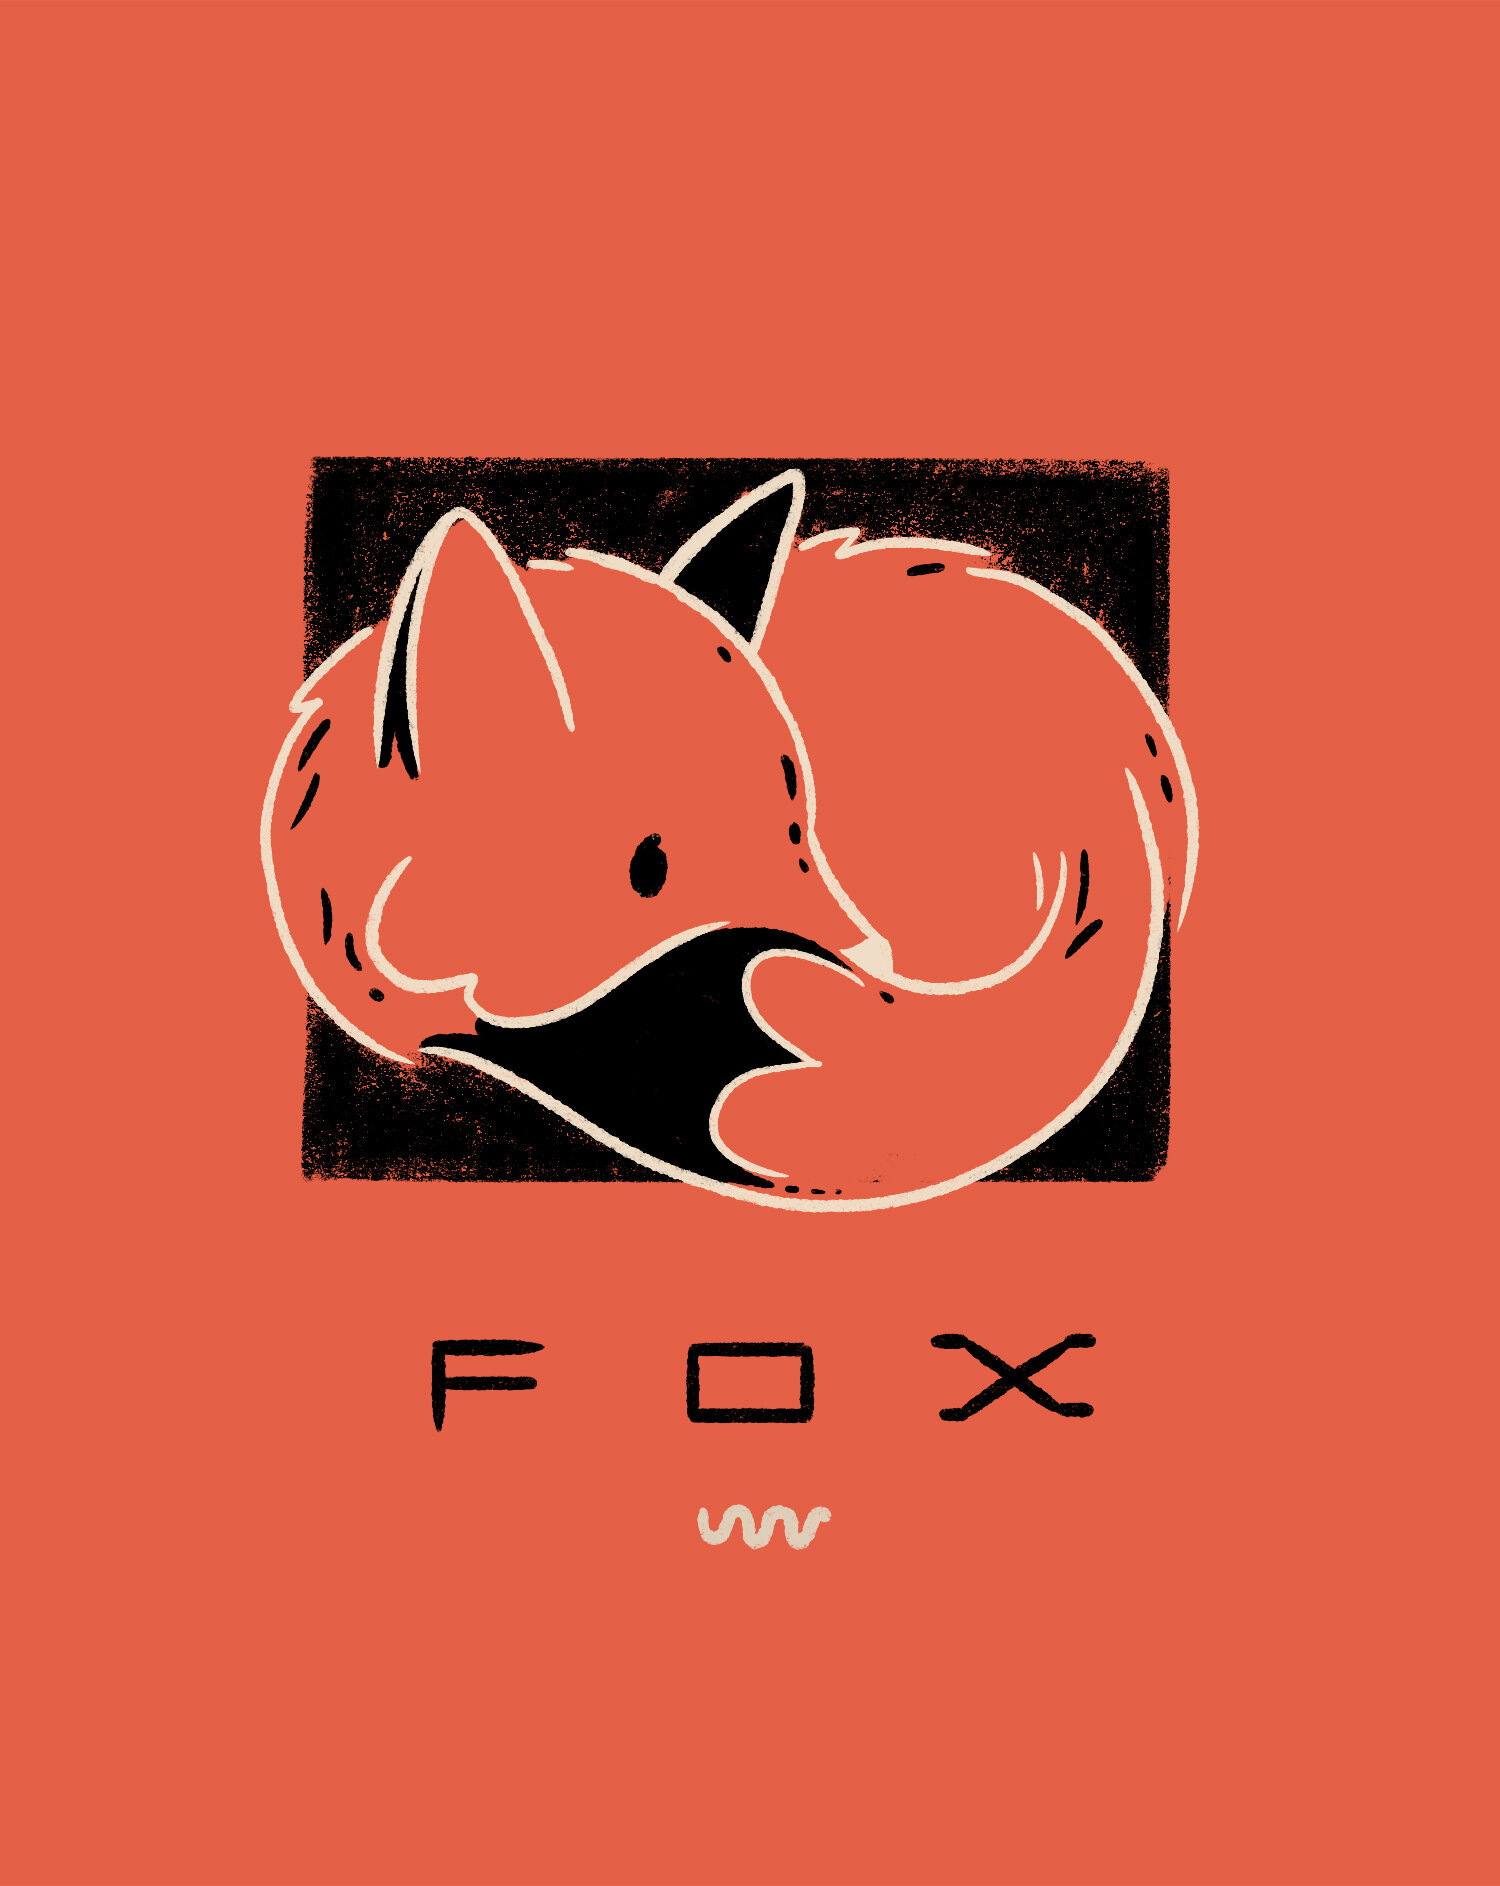 fox.jpg